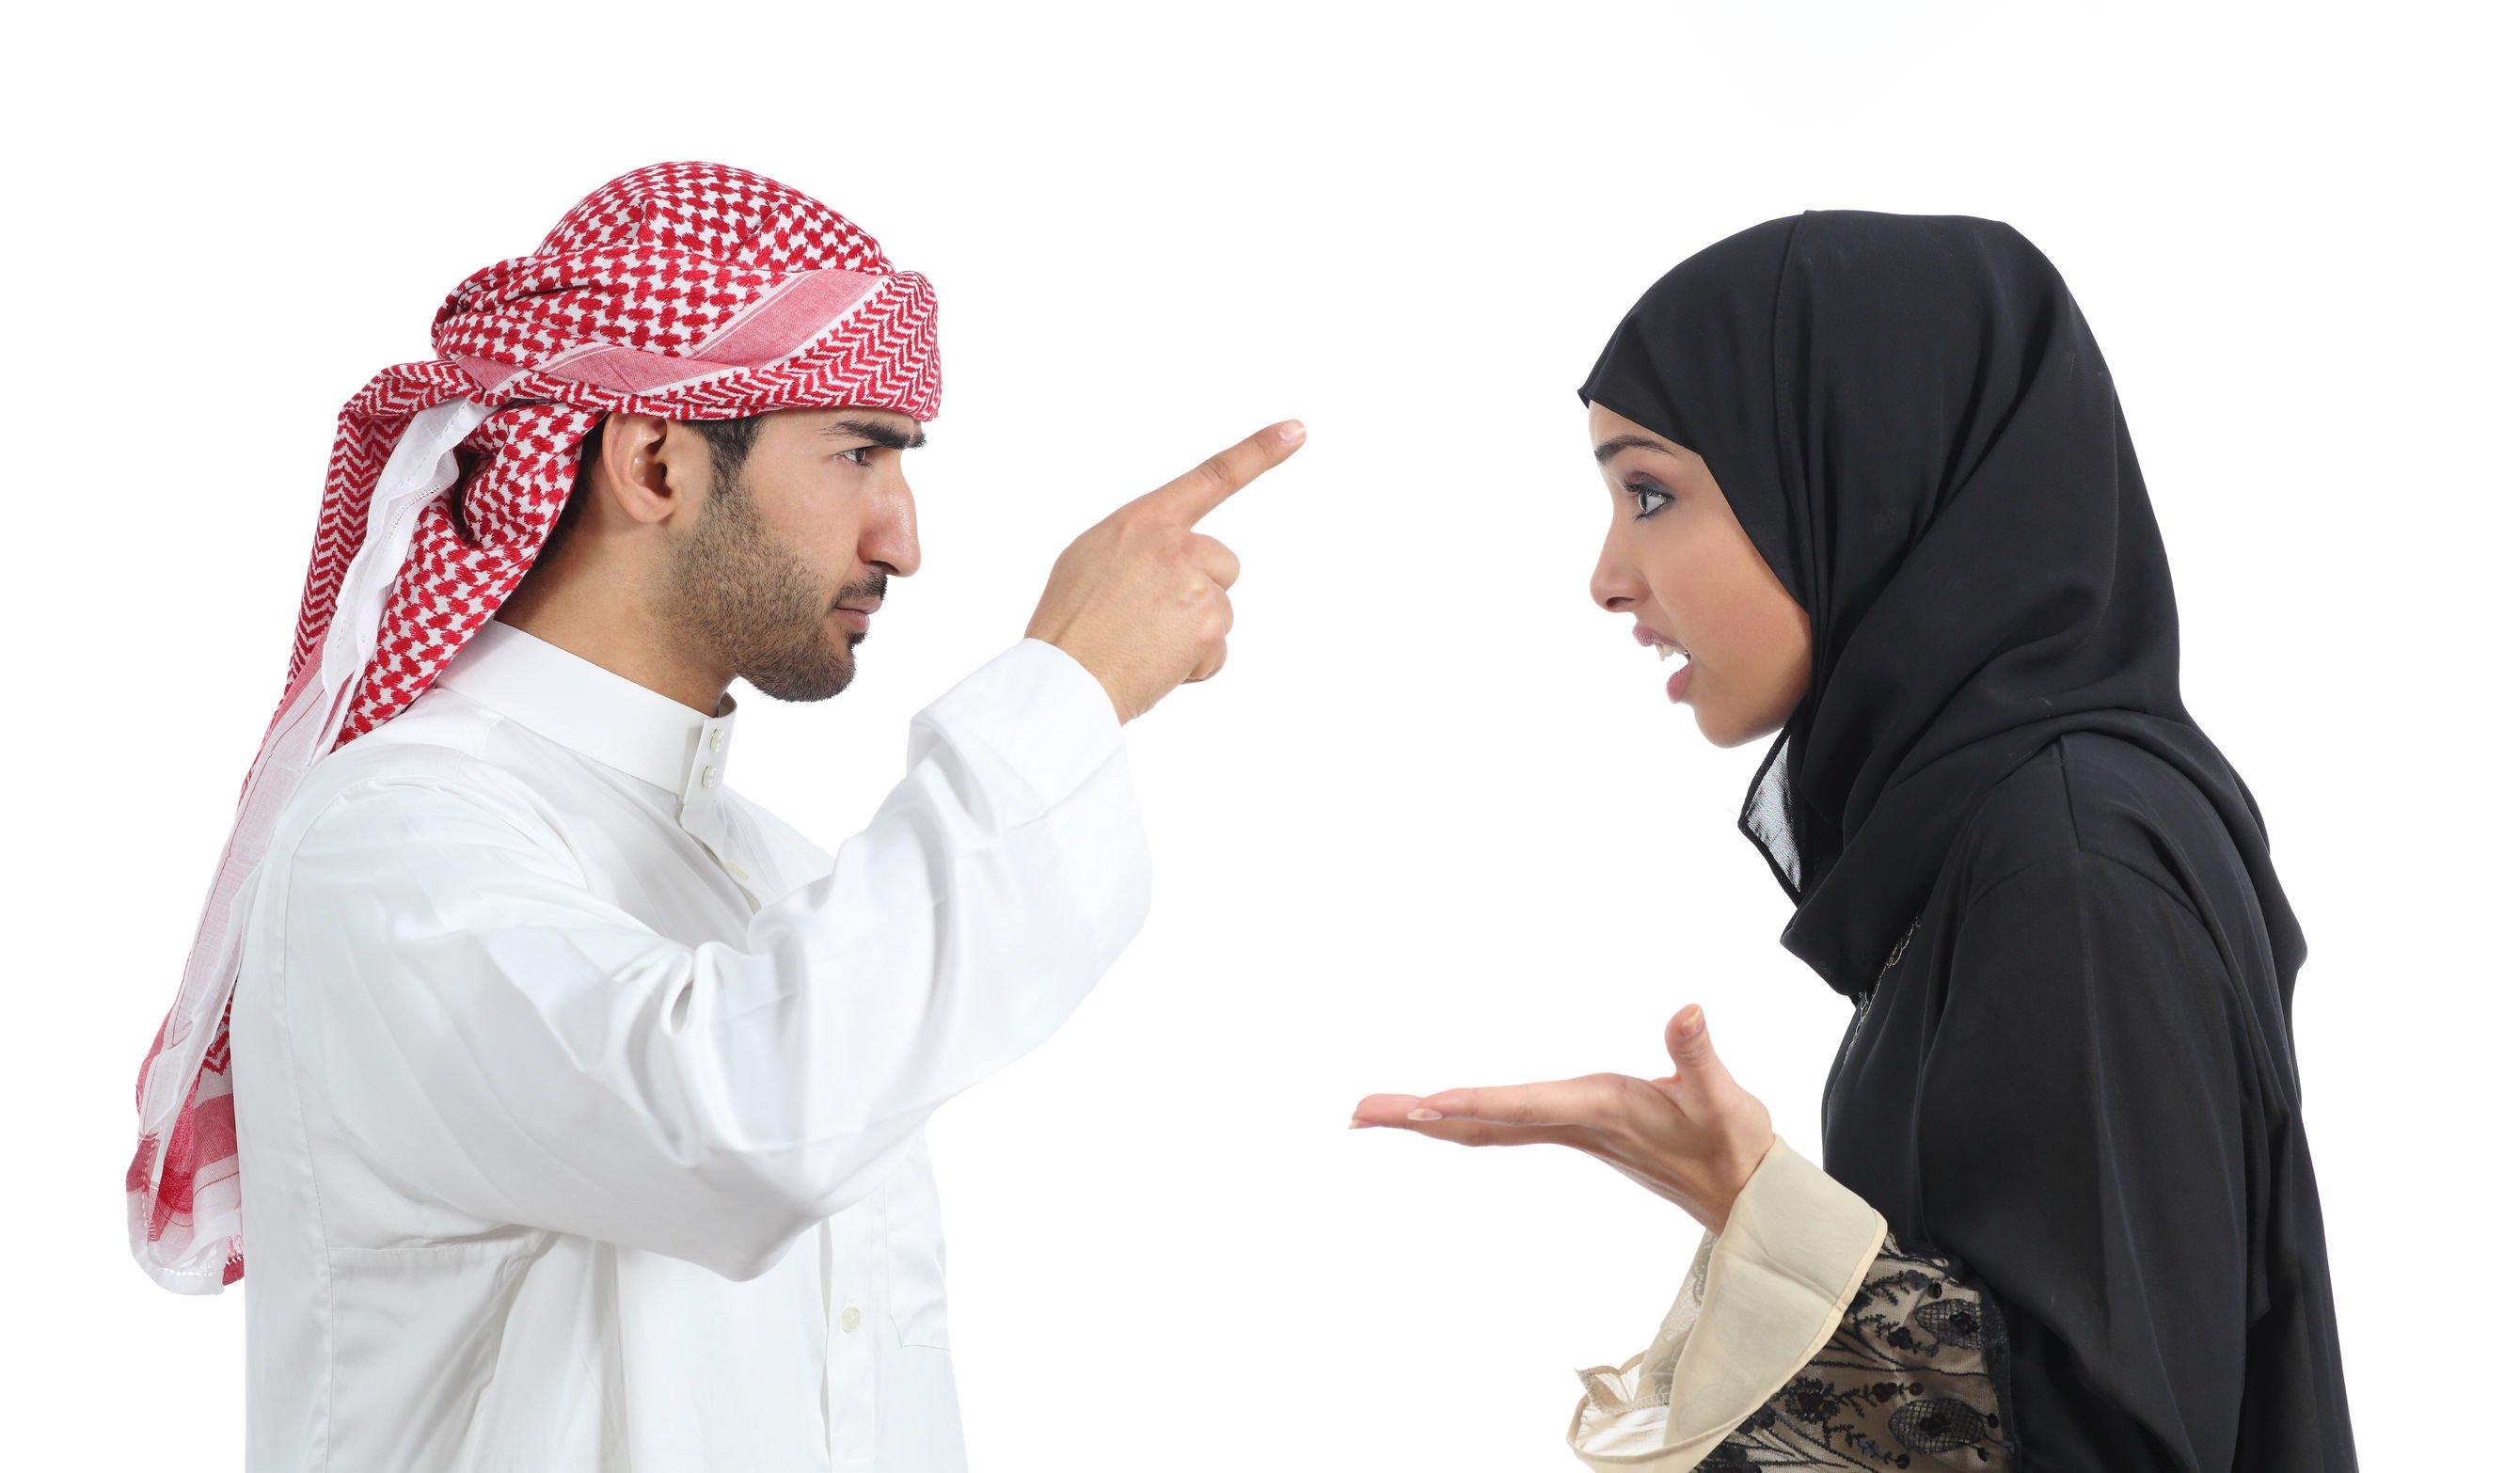 Co očekávat, když chodí s izraelským mužem